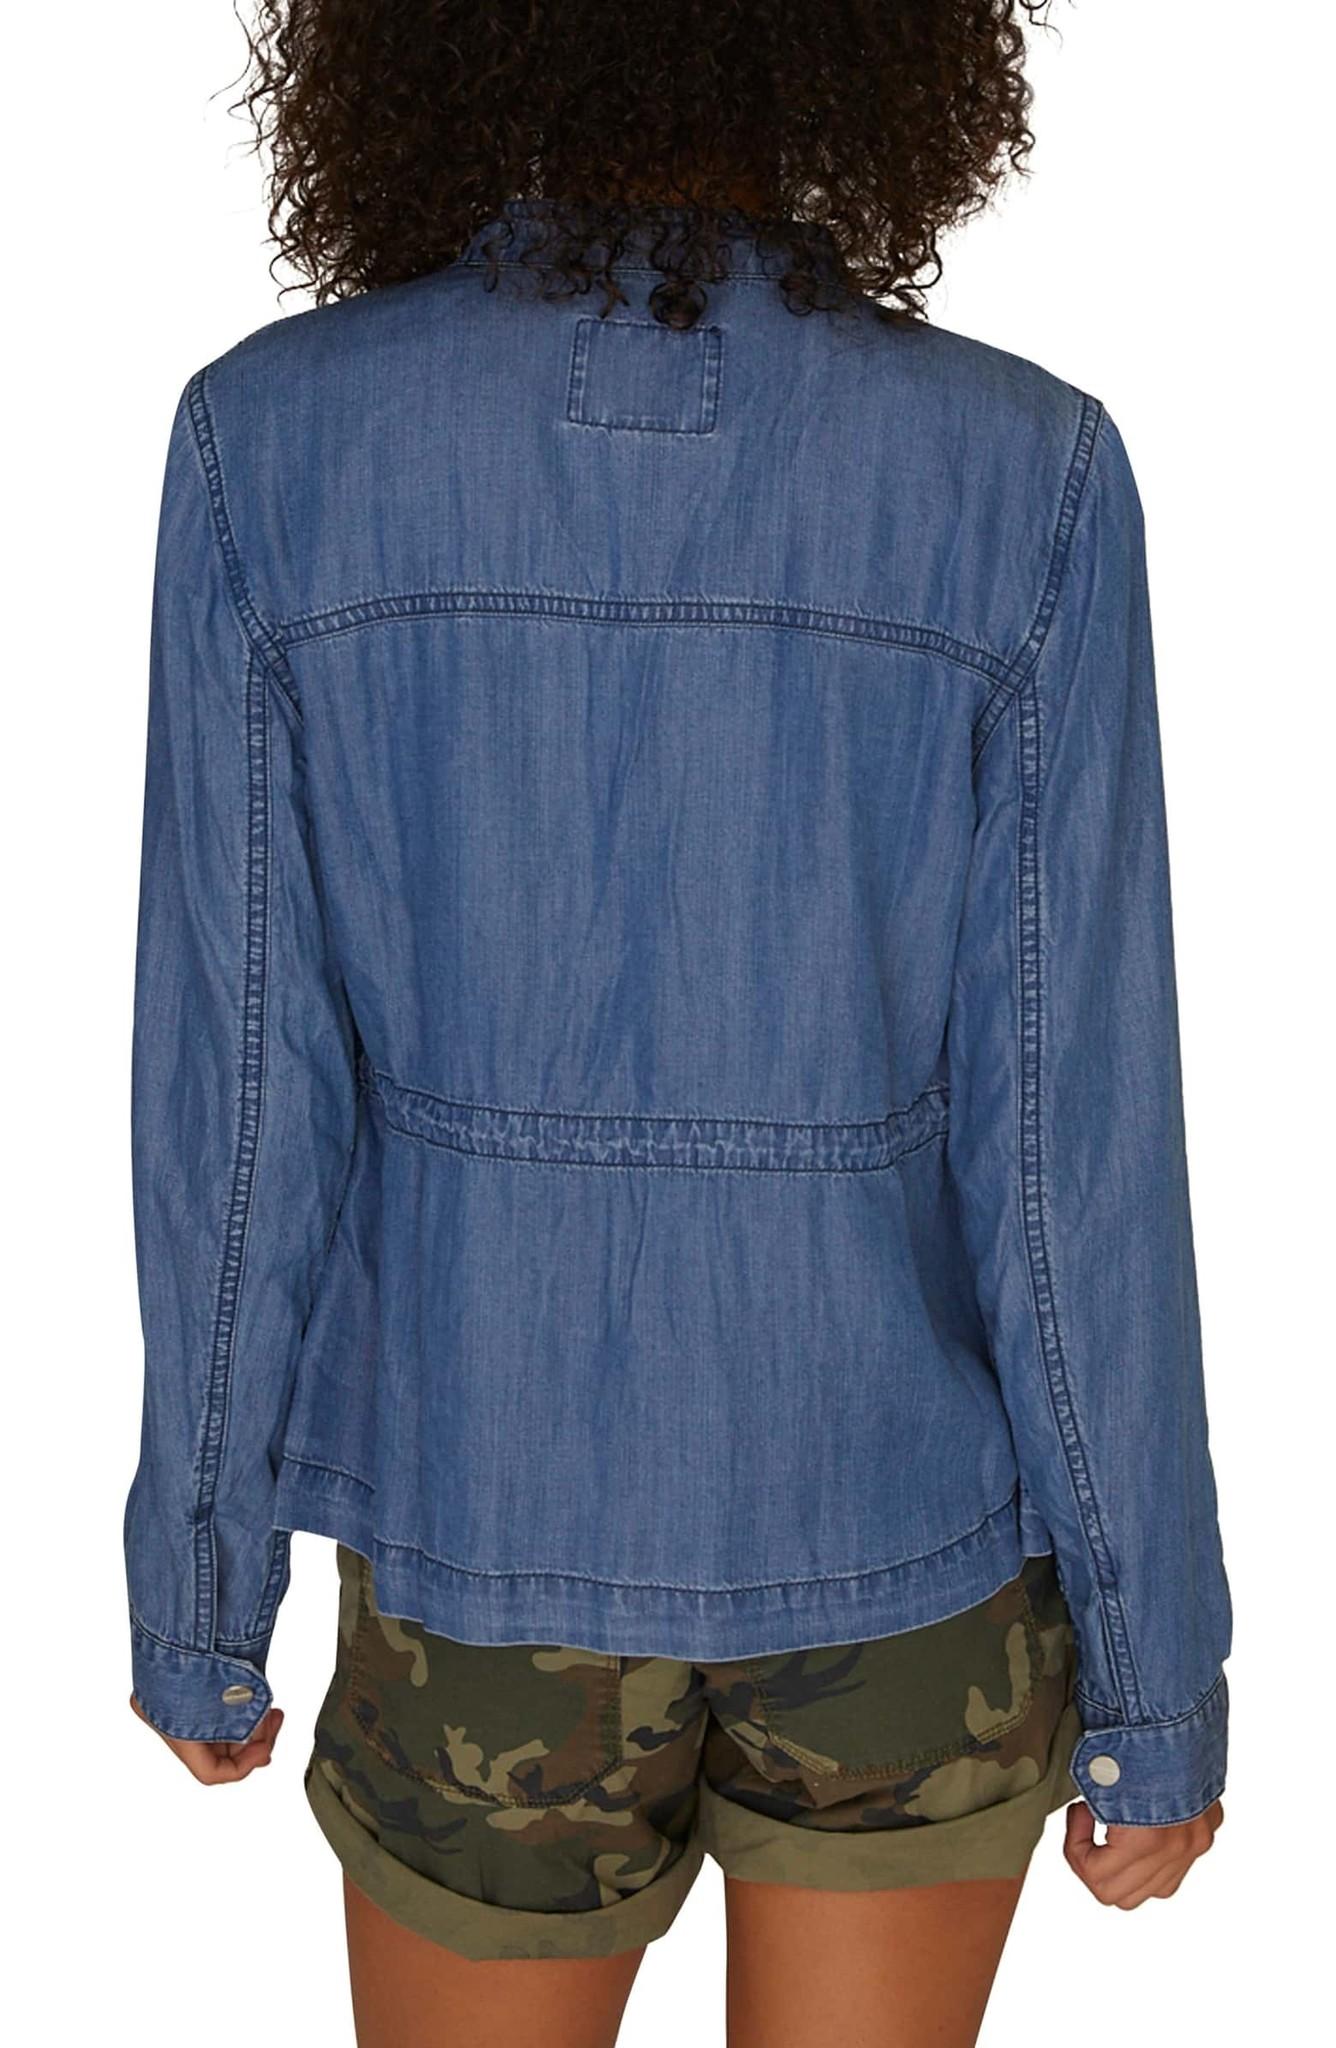 Sanctuary Clothing Hero Lightweight Jacket